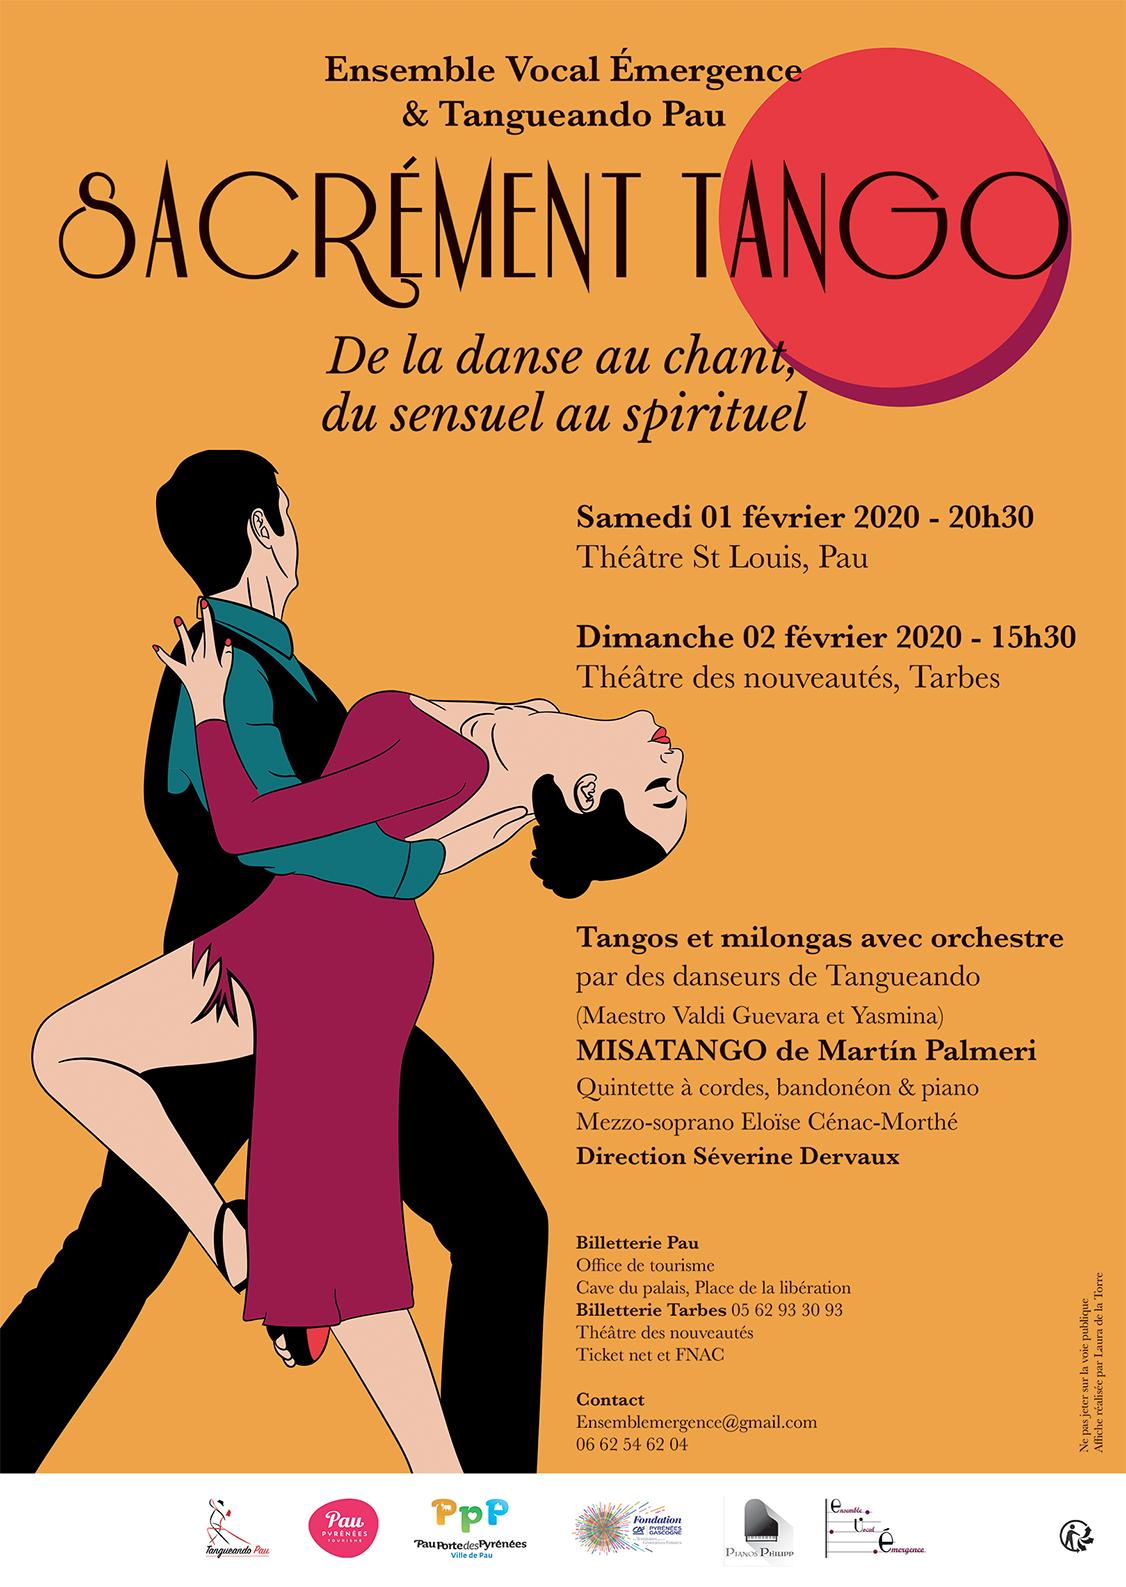 Sacrément Tango - De la danse au chant, du sensuel au spirituel